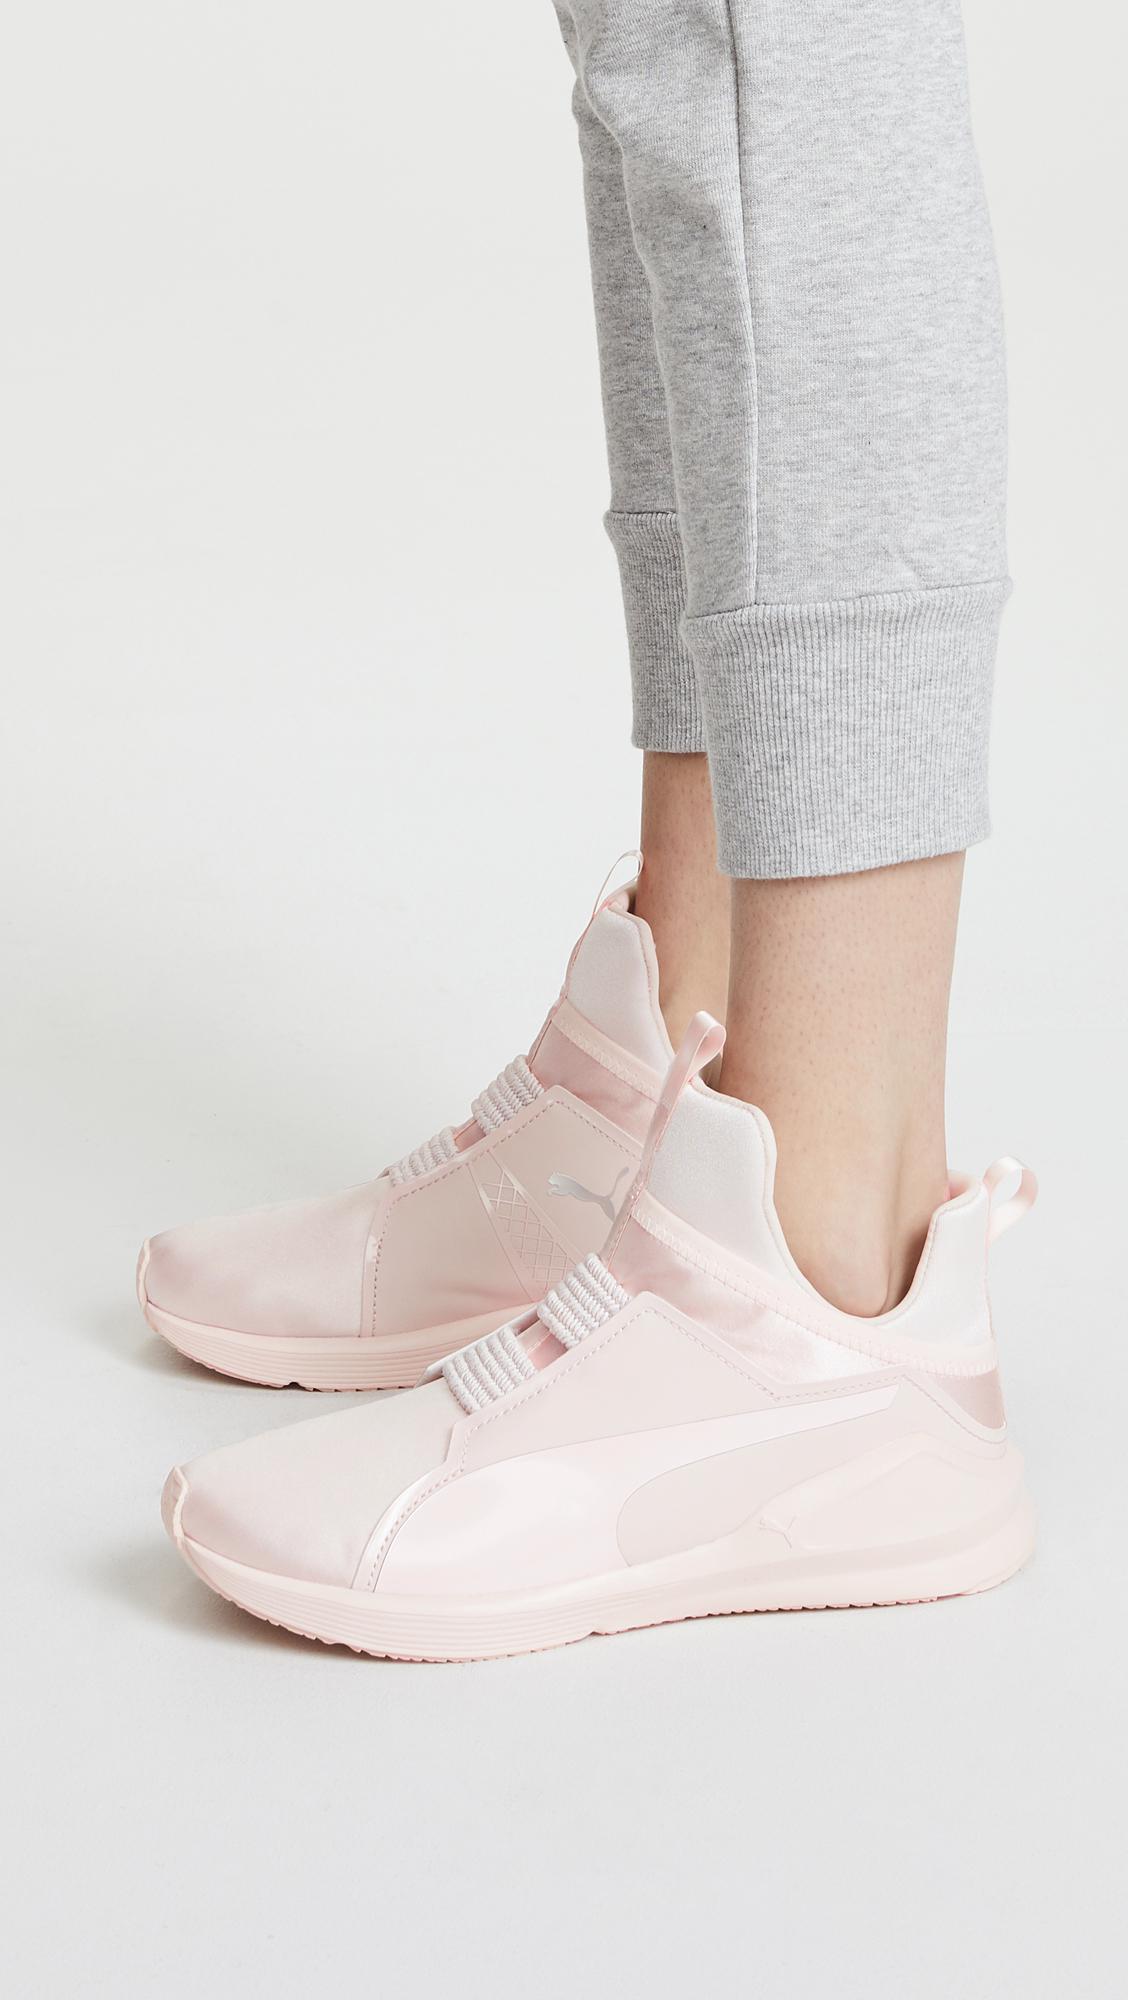 PUMA - Pink Fierce Satin Ep Sneakers - Lyst. View fullscreen 7f50a782f